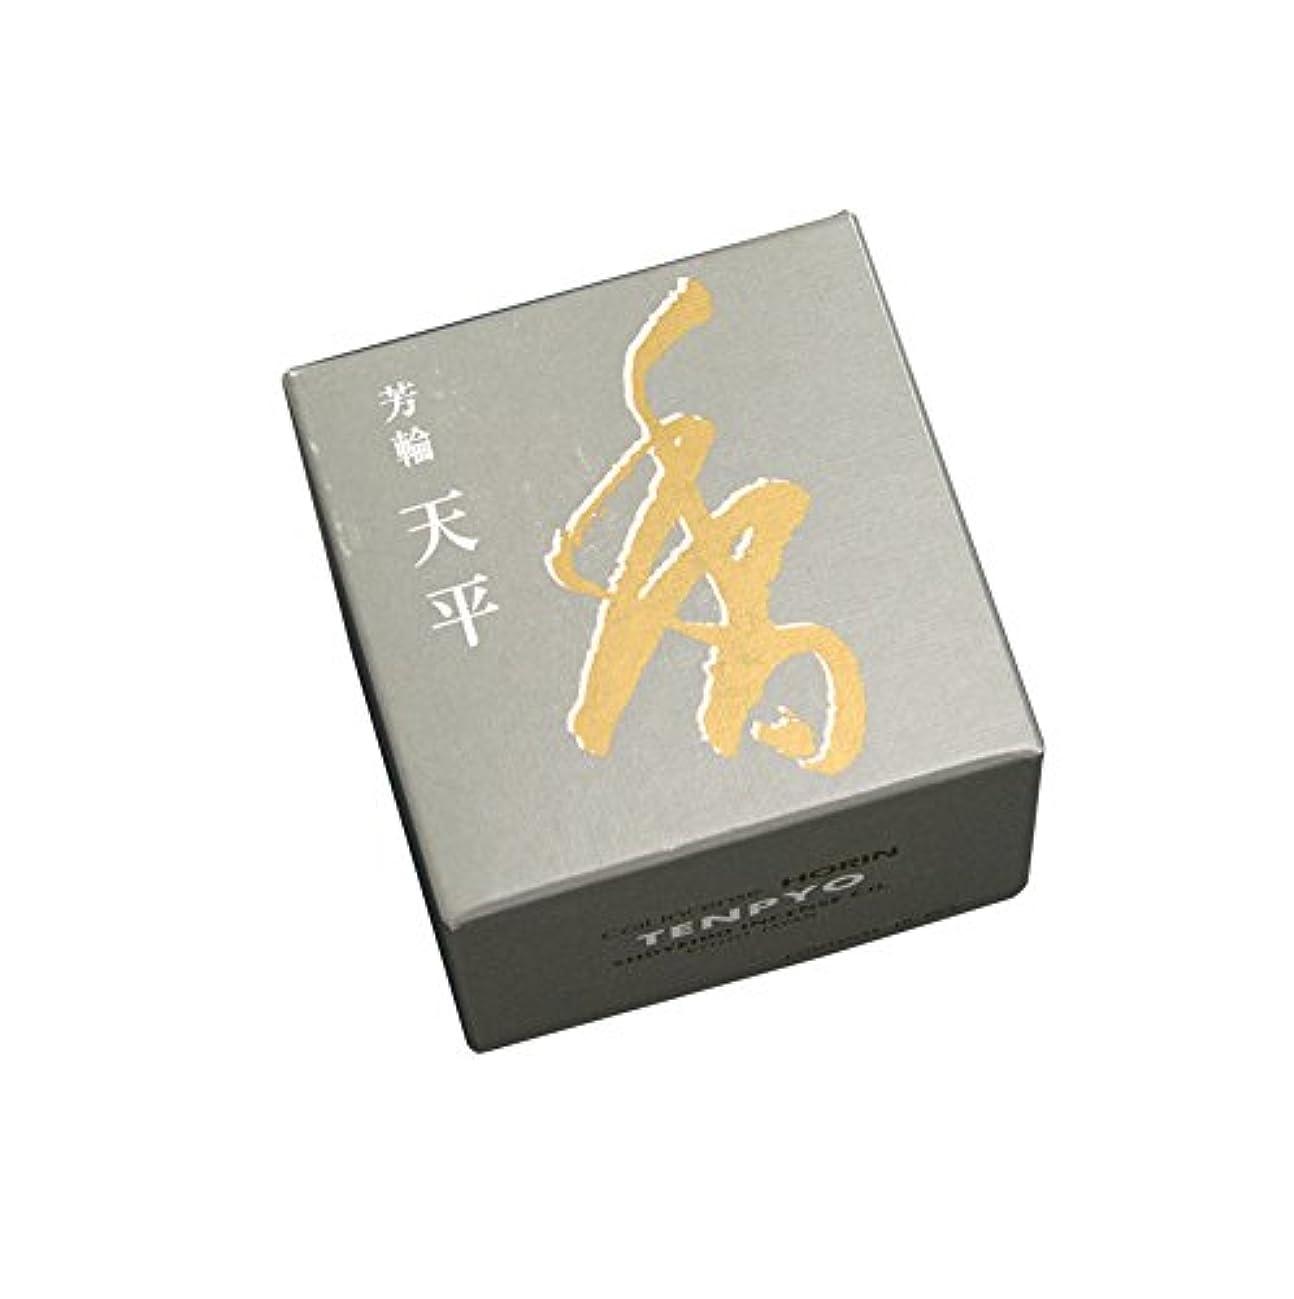 主要な付録退屈させる松栄堂のお香 芳輪天平 渦巻型10枚入 うてな角型付 #210521